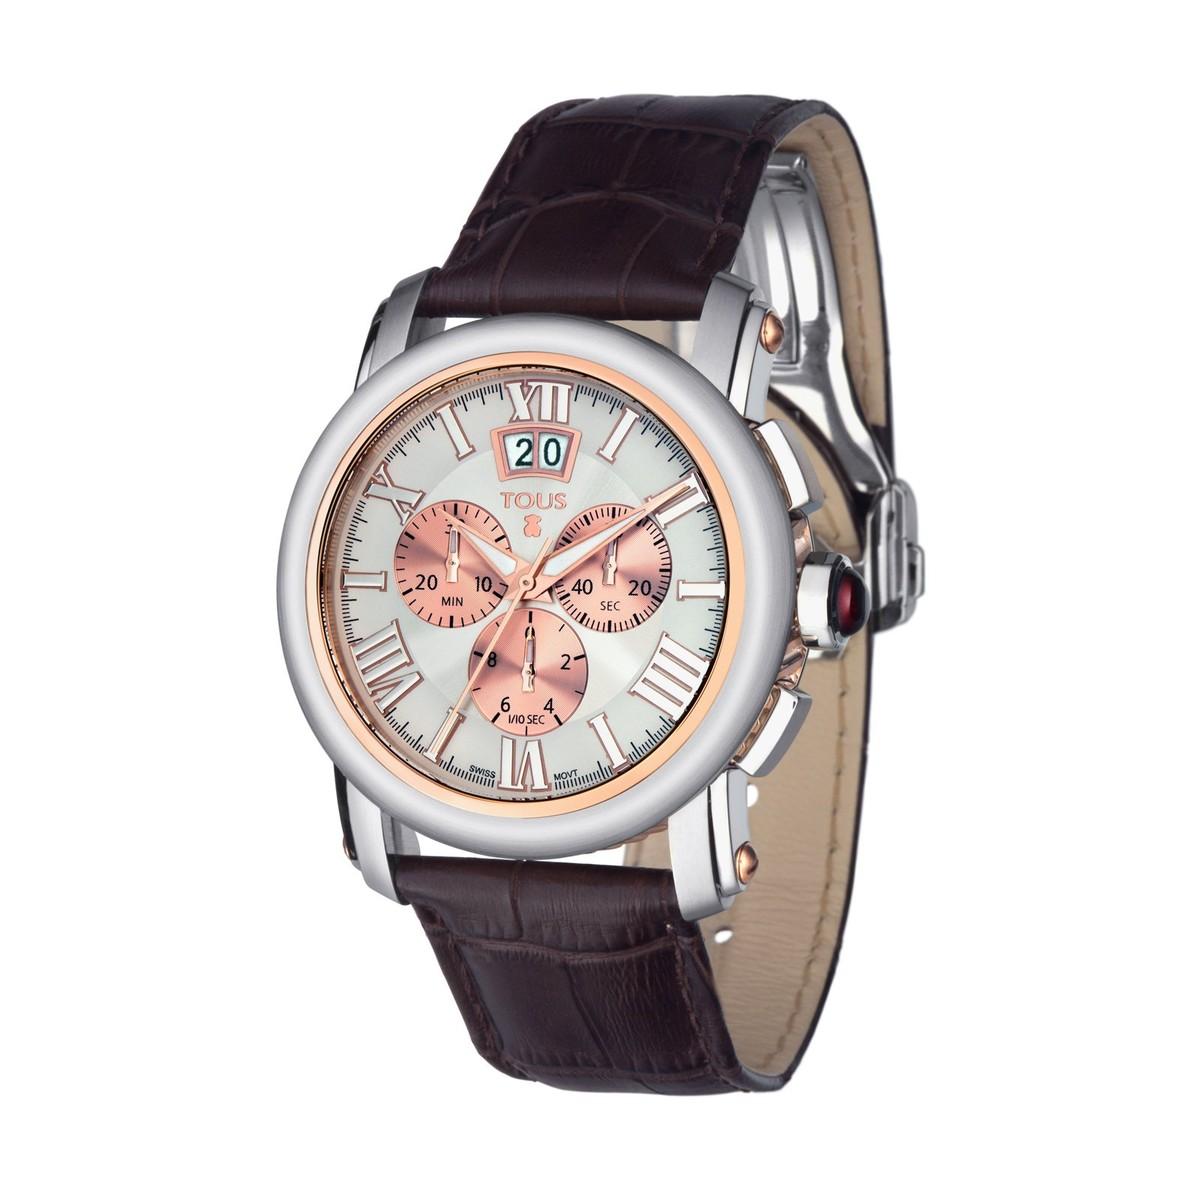 Relógio Born bicolor em Aço IP rosado com correia de Pele castanha